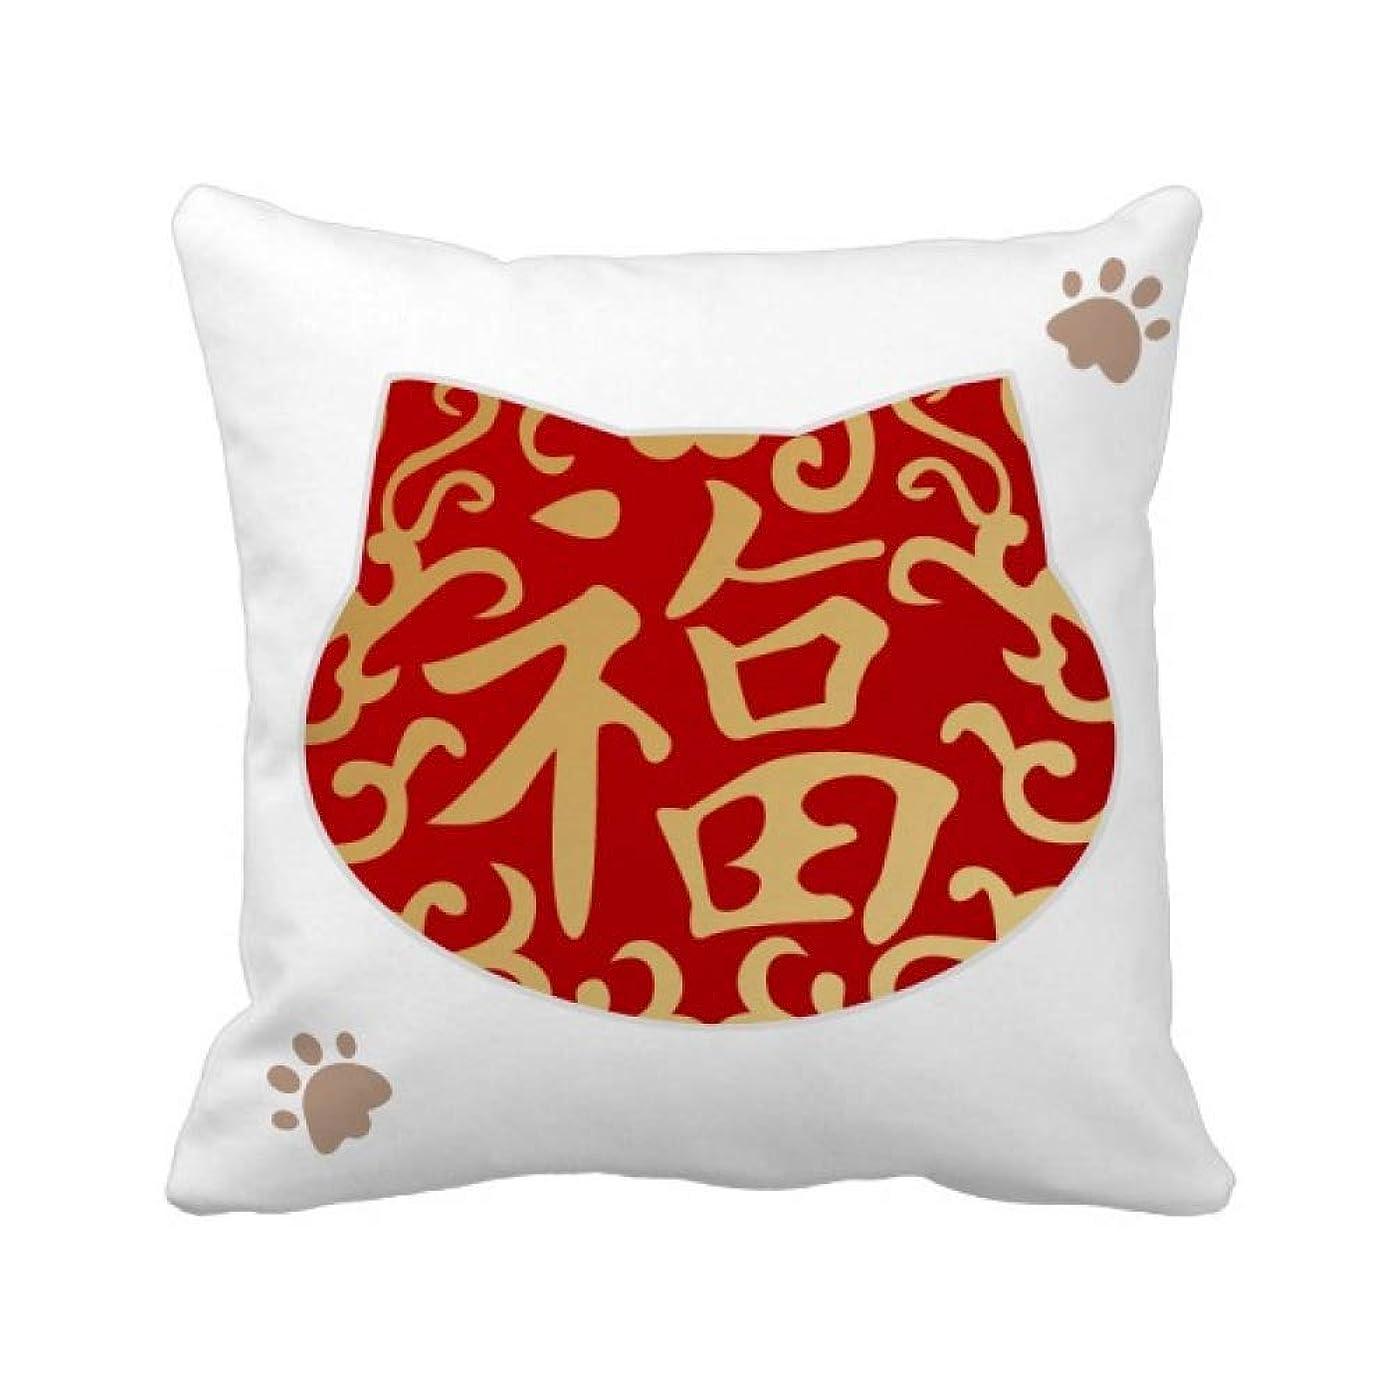 バン前部奇妙な金の中国のfookリッチシンボル 枕カバーを放り投げる猫広場 50cm x 50cm